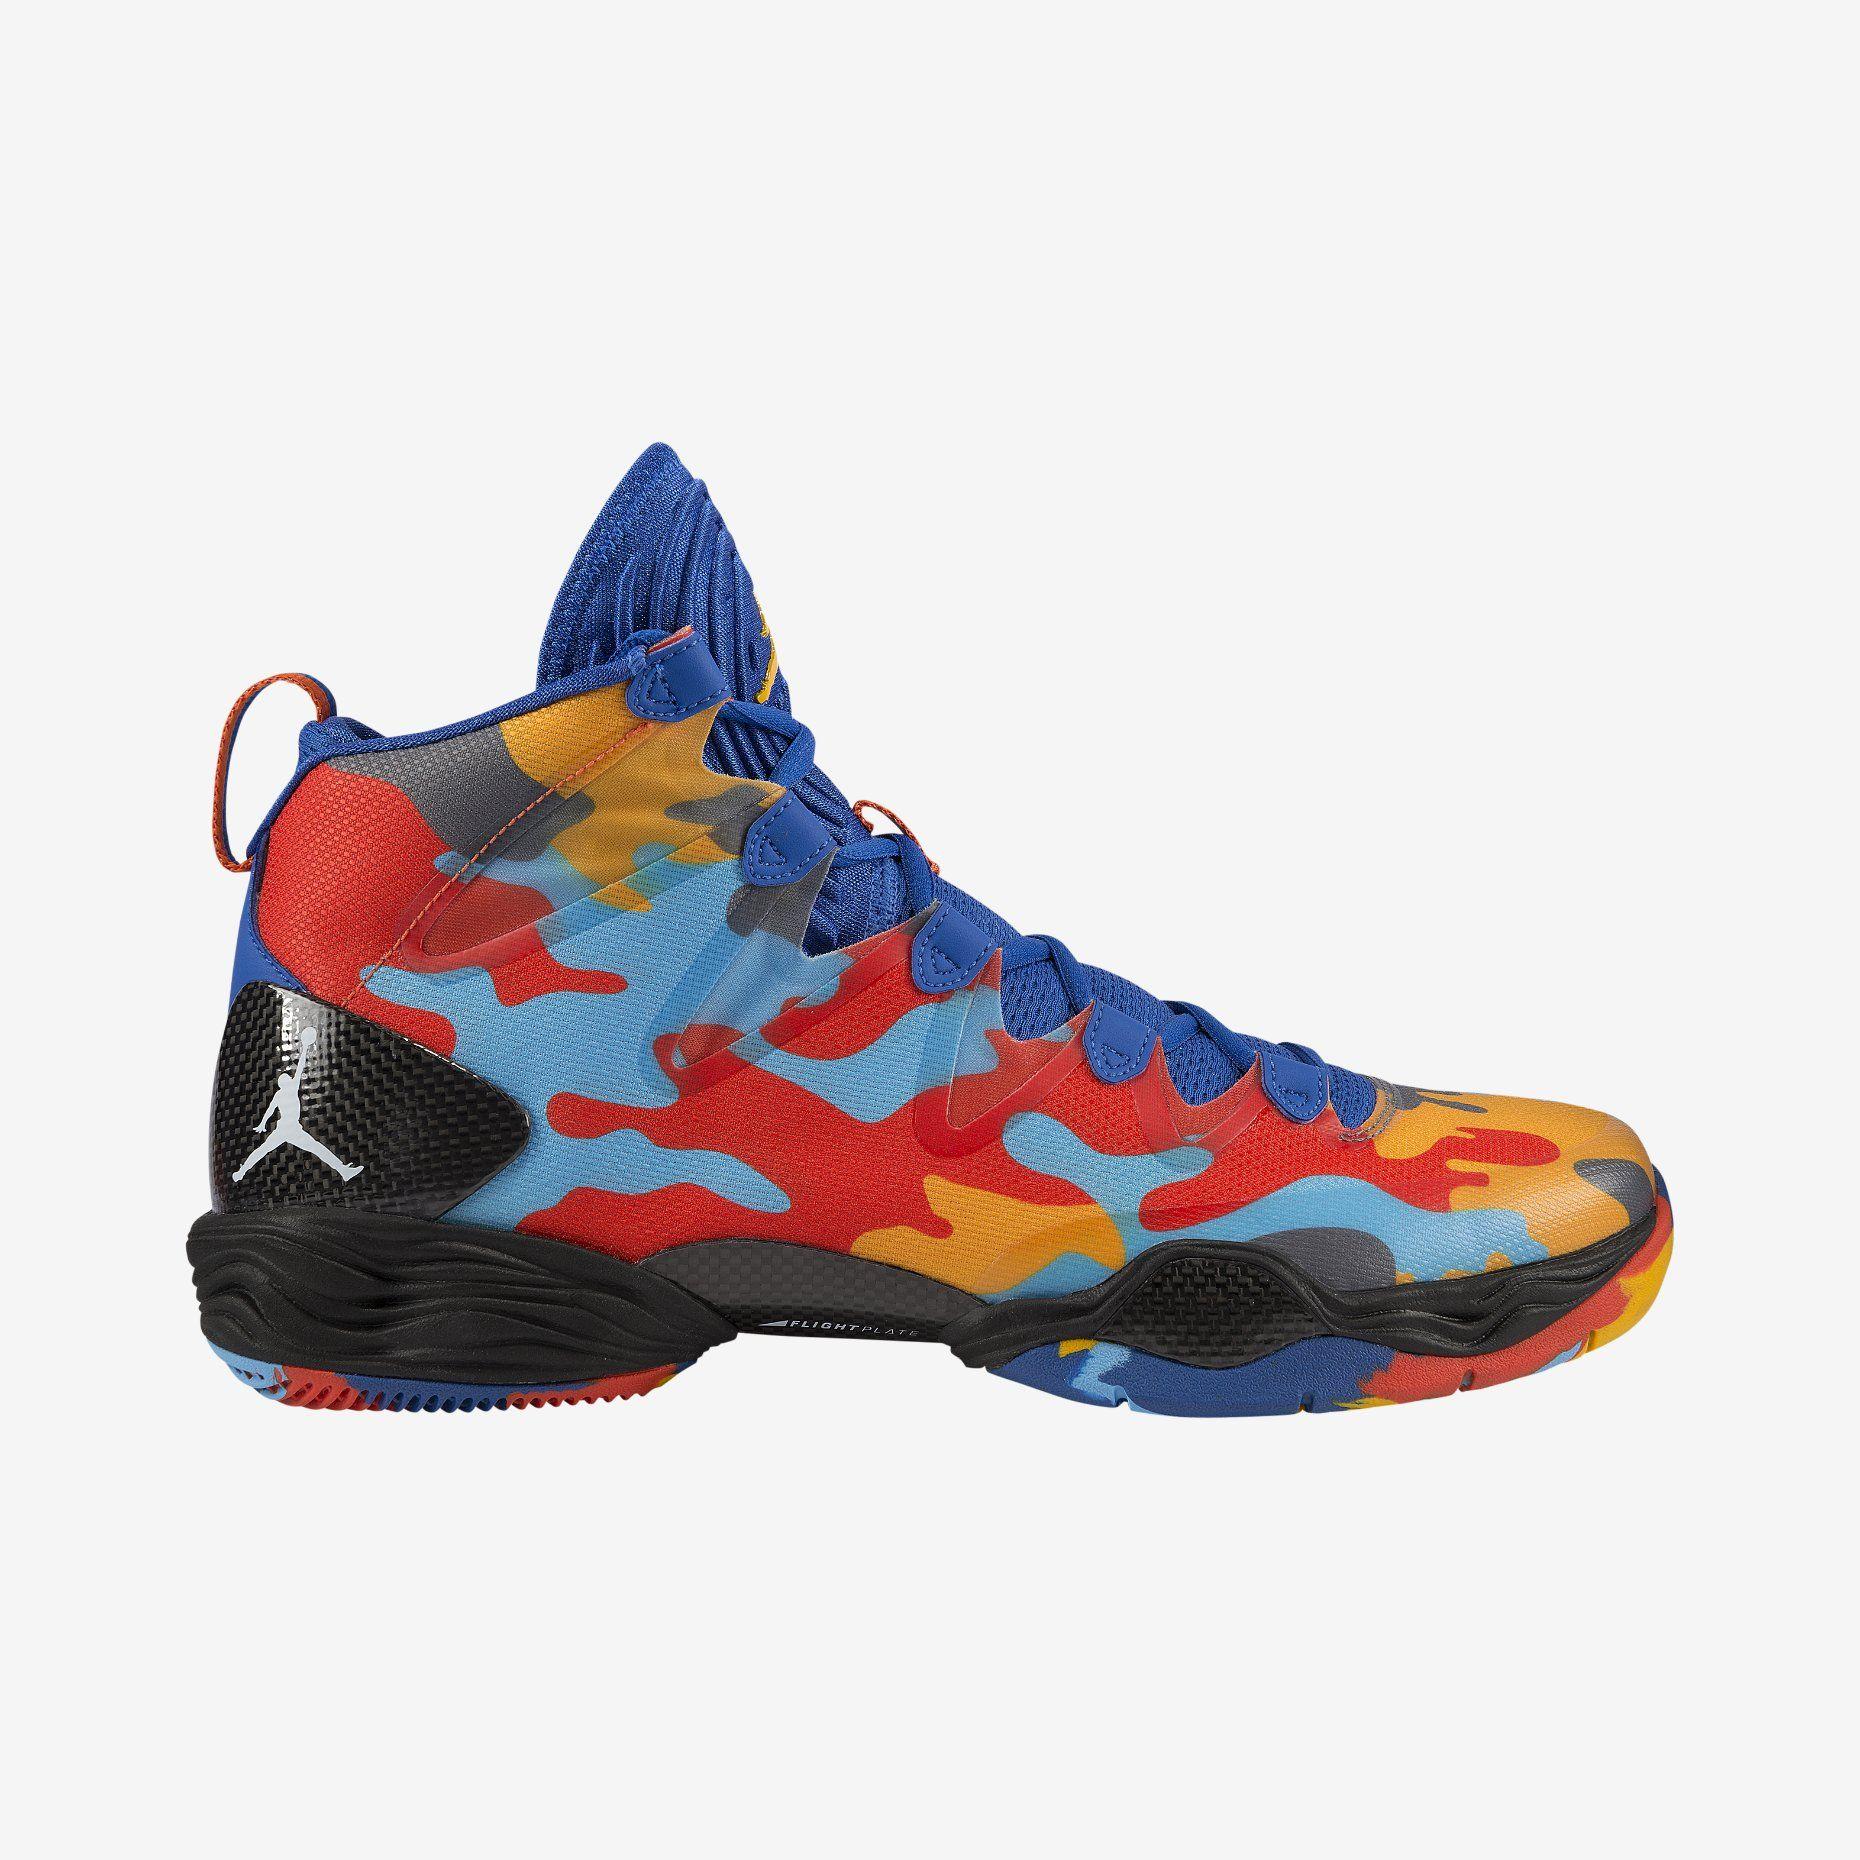 nike camo tennis shoes neon yellow nike basketball shoes